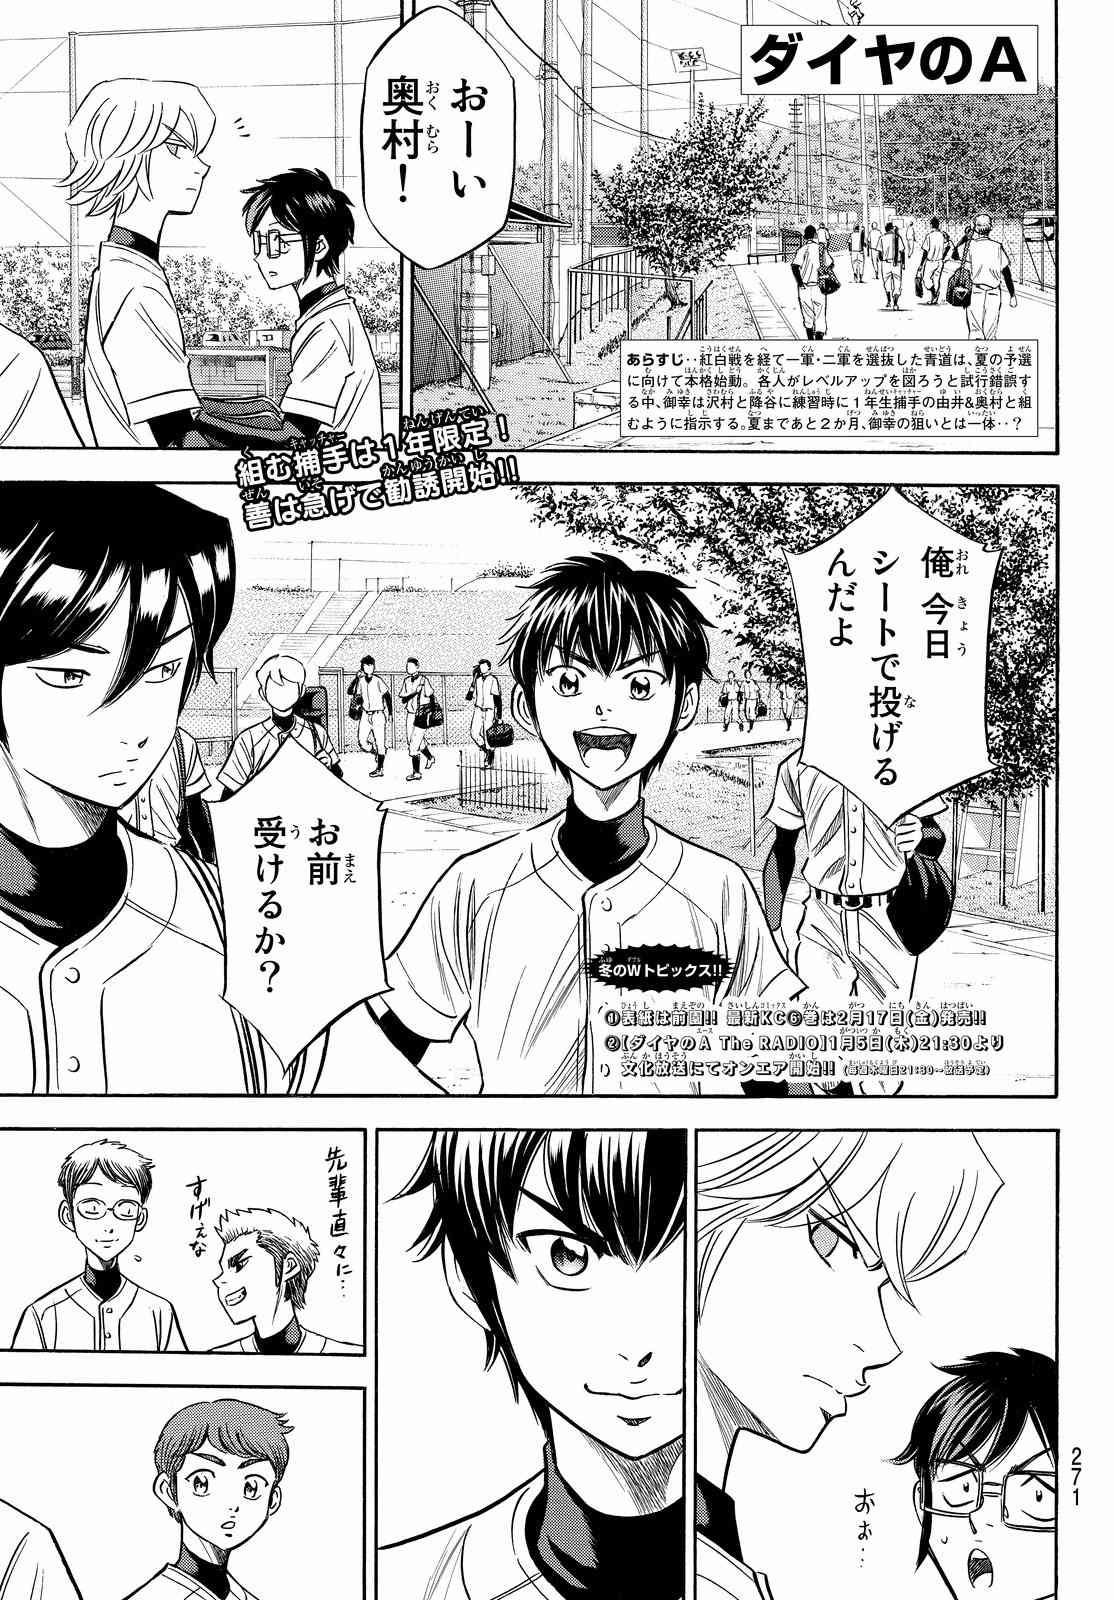 Daiya no A Act II - Chapter 061 - Page 1